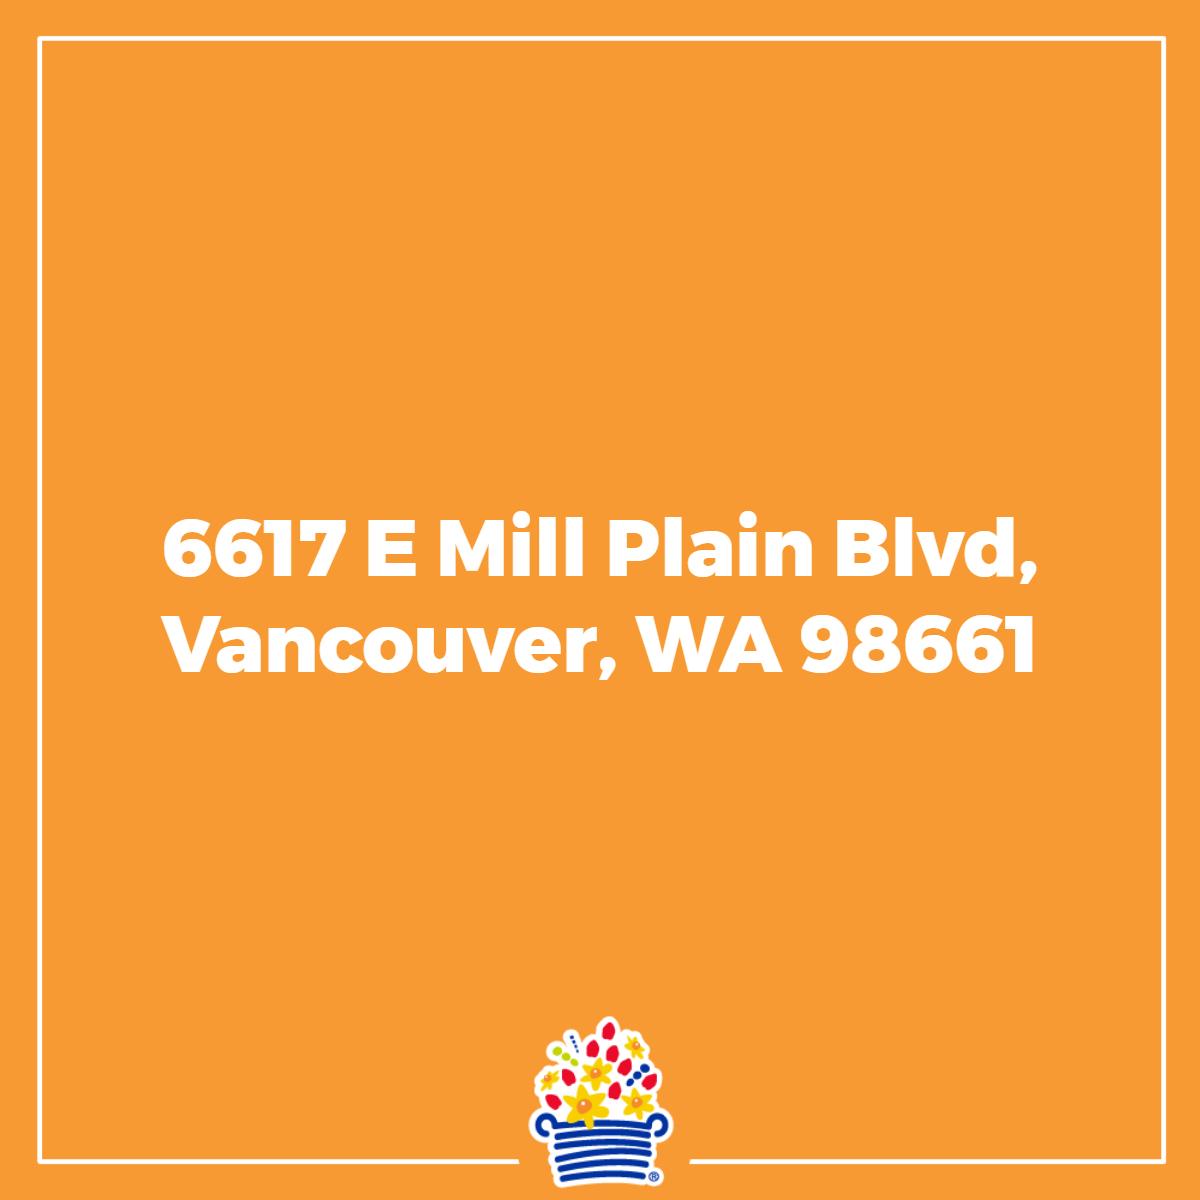 Edible Arrangements 6617 E Mill Plain Blvd, Vancouver